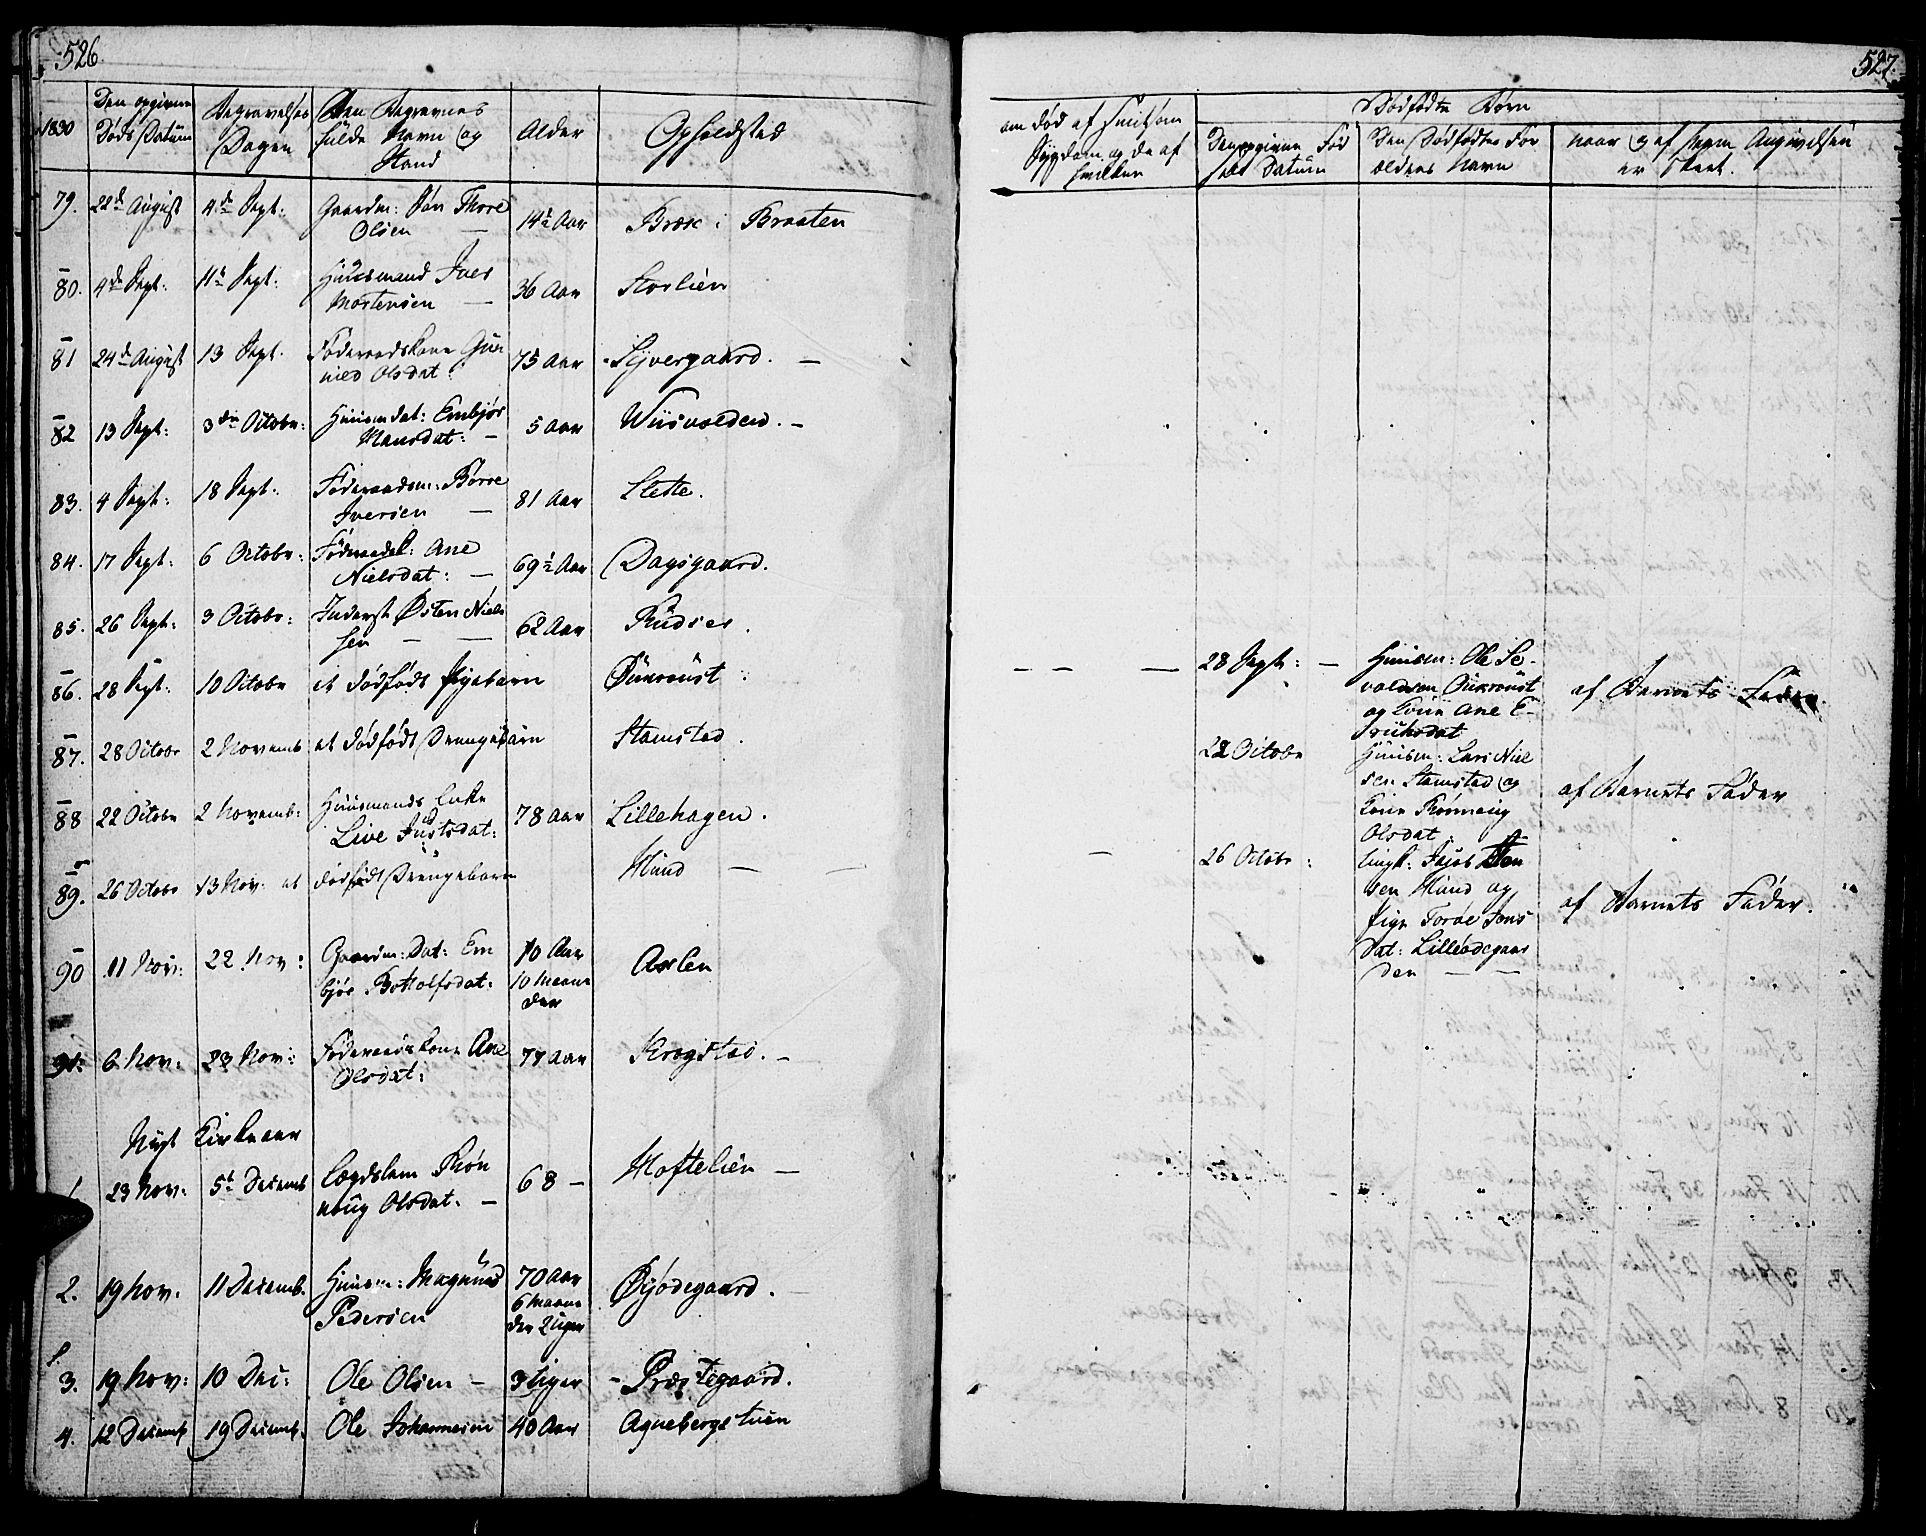 SAH, Lom prestekontor, K/L0005: Ministerialbok nr. 5, 1825-1837, s. 526-527